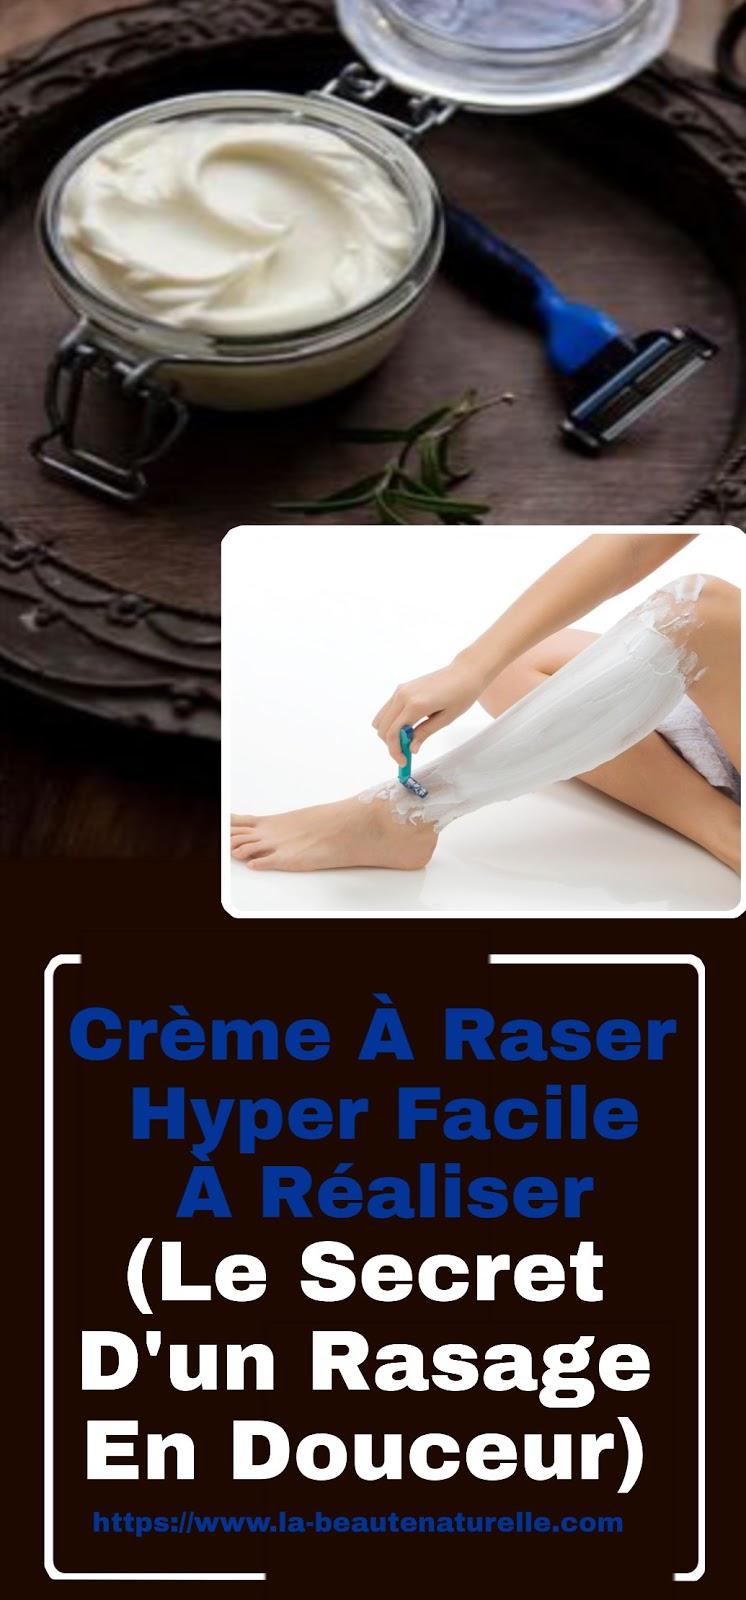 Crème À Raser Hyper Facile À Réaliser (Le Secret D'un Rasage En Douceur)